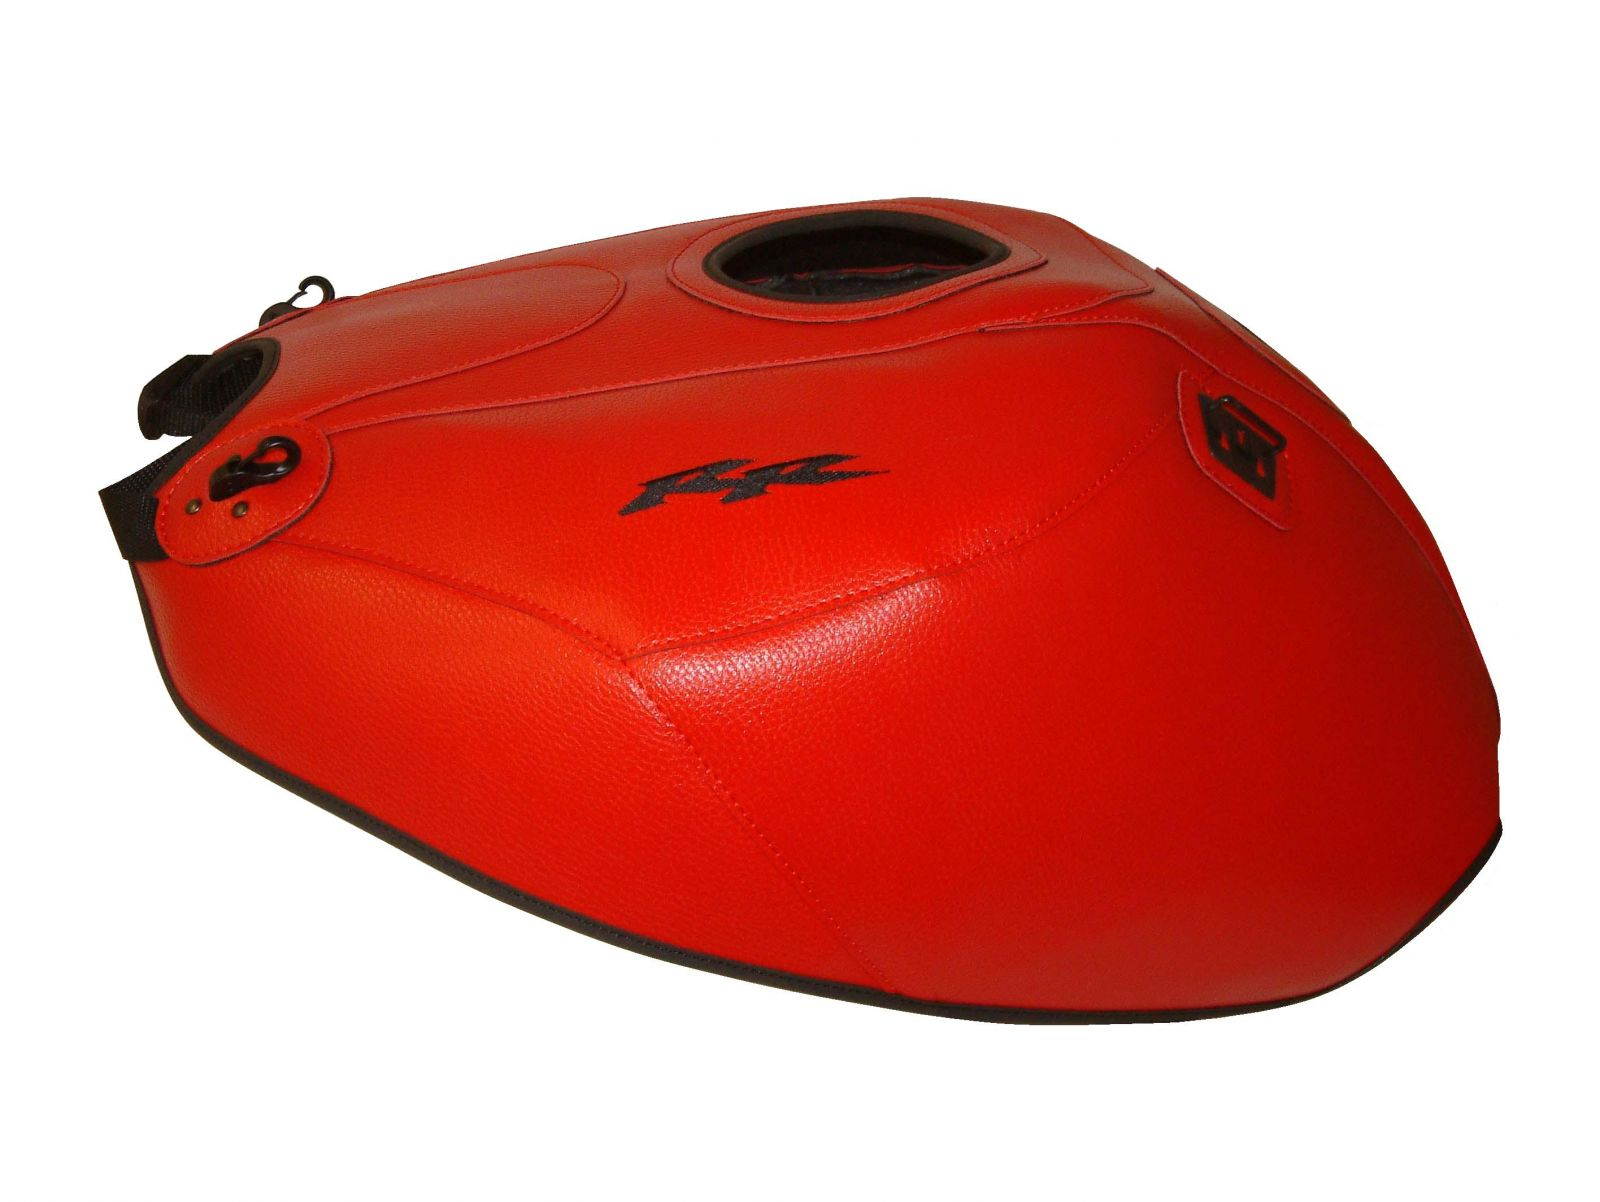 Capa de depósito TPR3308 - HONDA CBR 1000 RR [2004-2007]